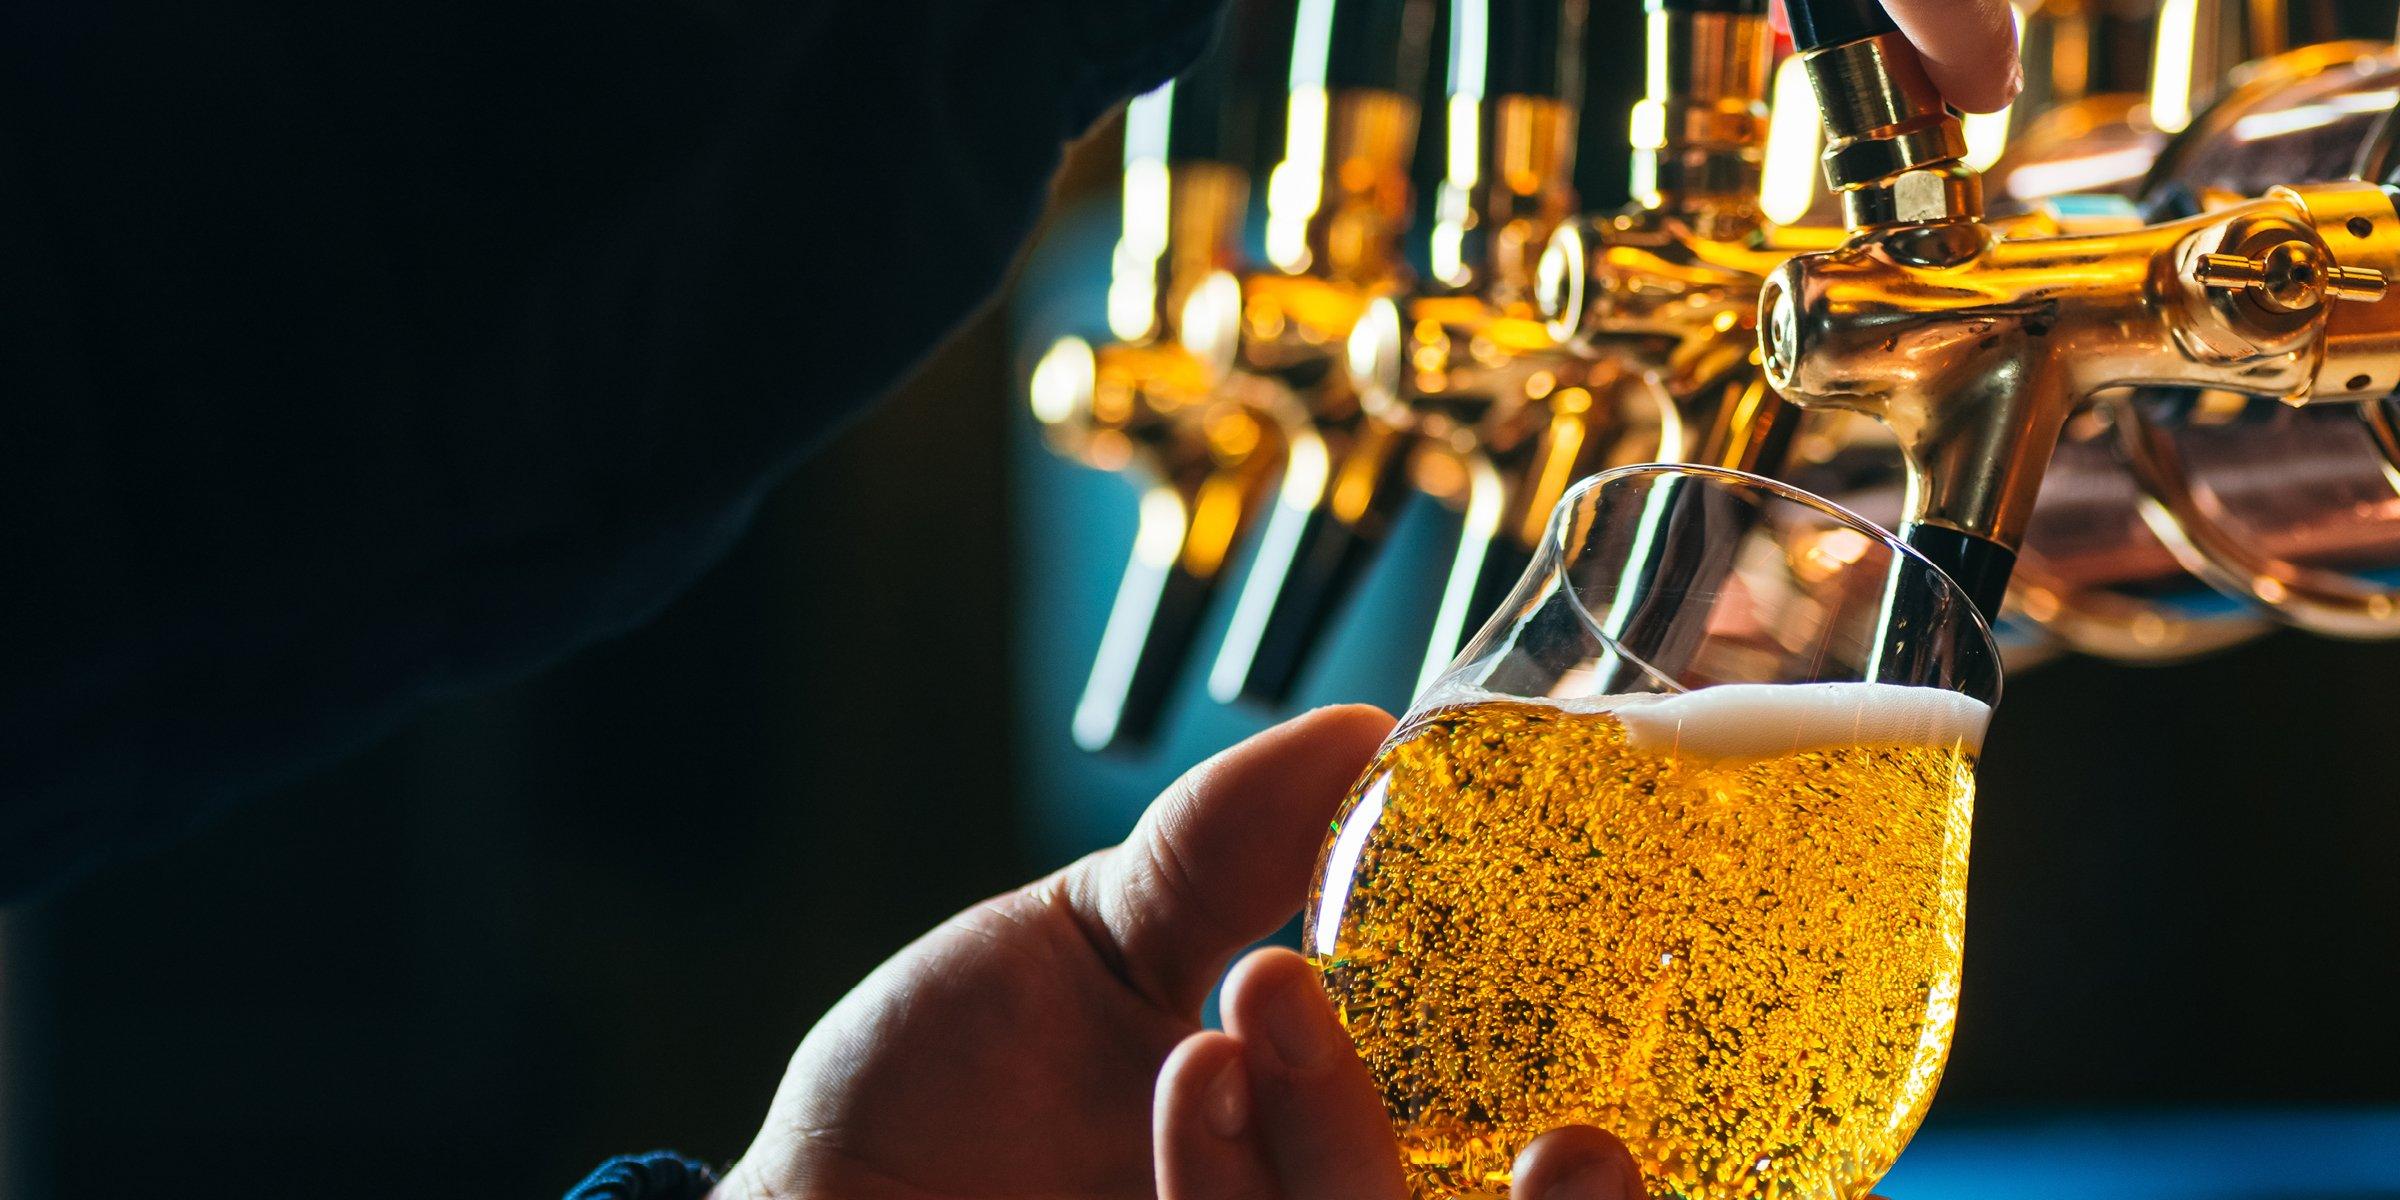 Bier Tasting Restaurant und Bar Tschadun, Kloten, welcome hotels, 2021